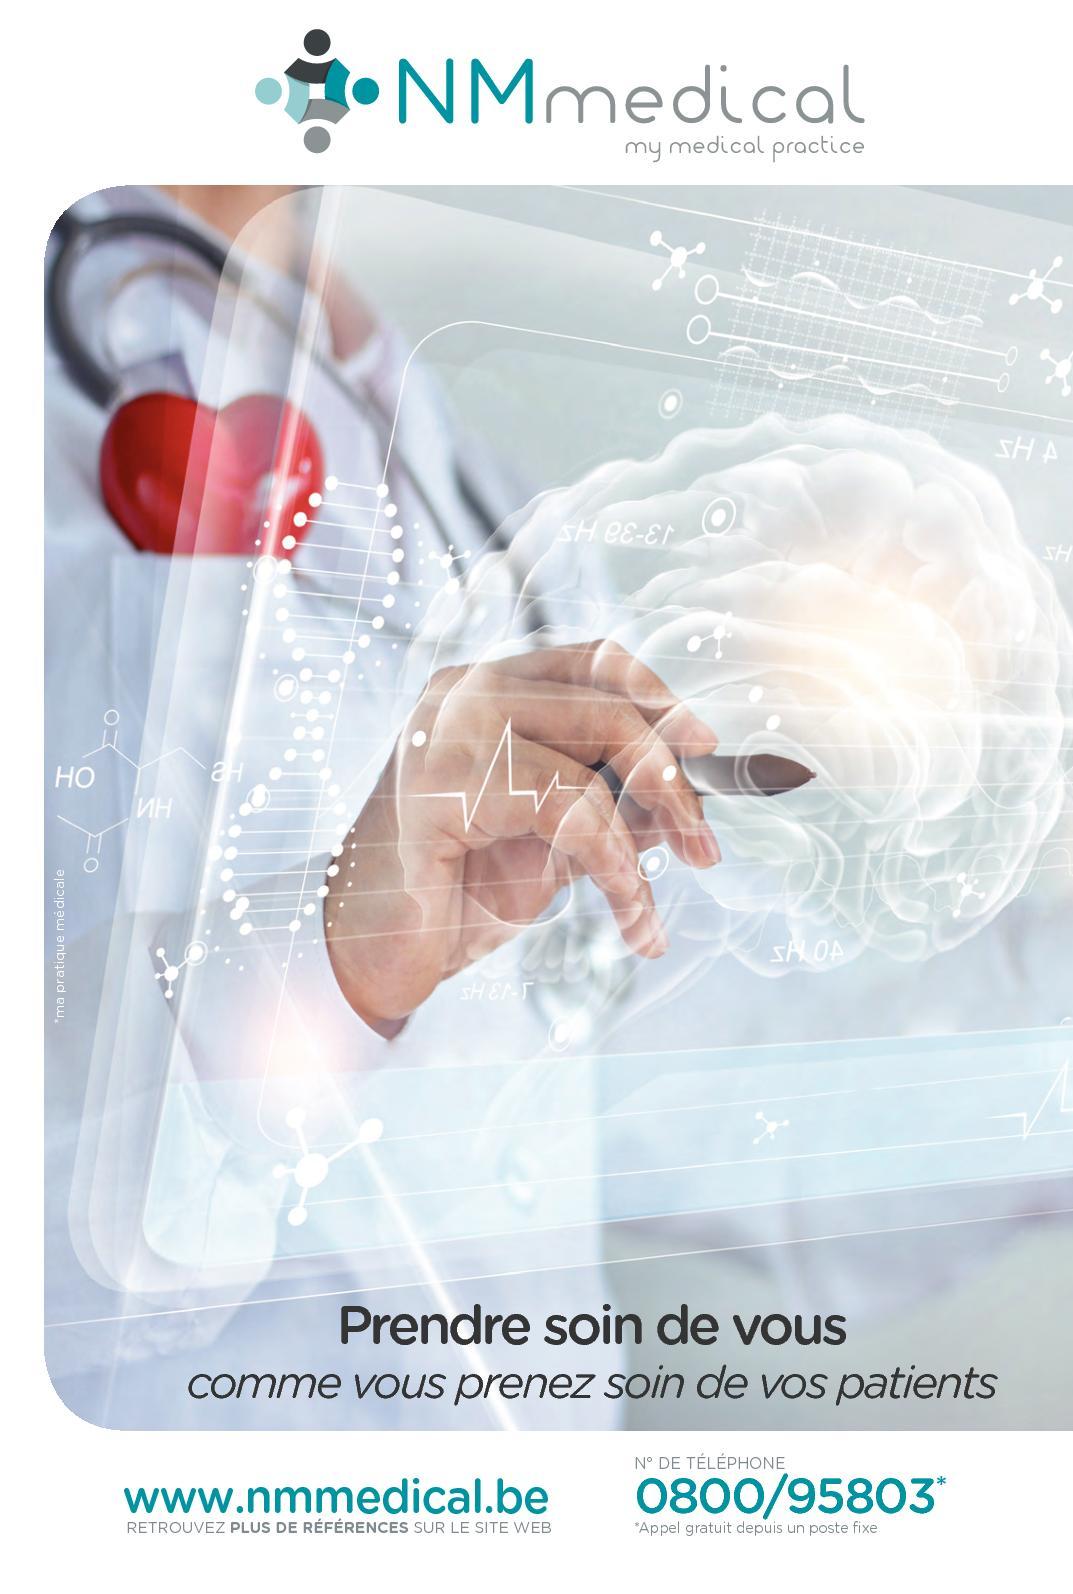 60cc capacité Piston Irrigation seringue blessures Secourisme d/'urgence Survie Kits